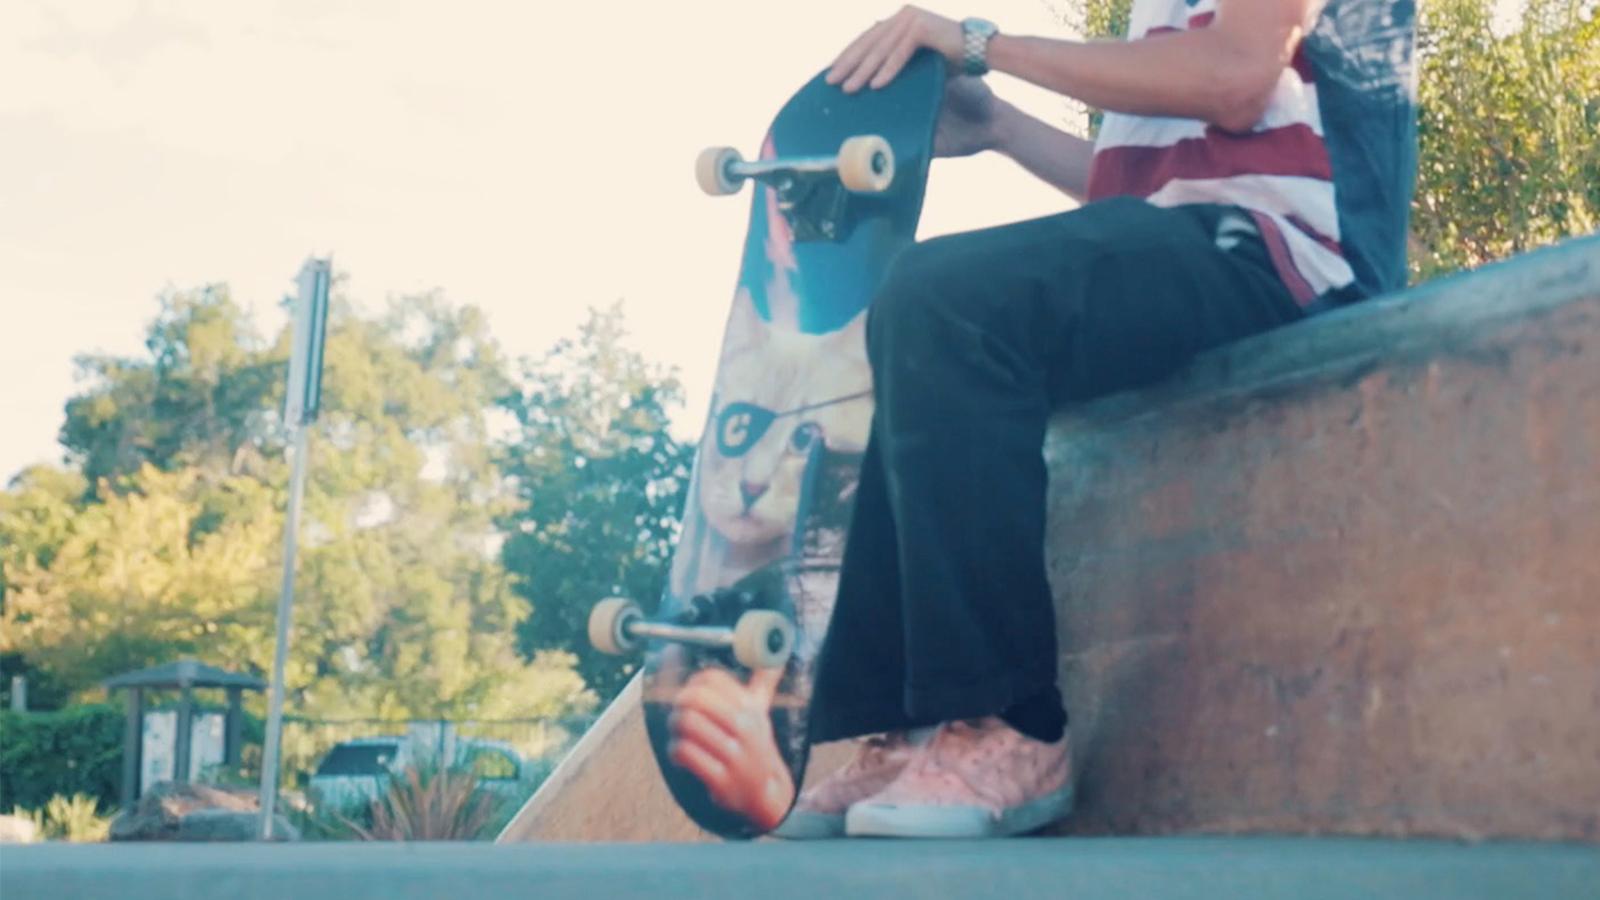 Capsule Skateboards Brand Profile4